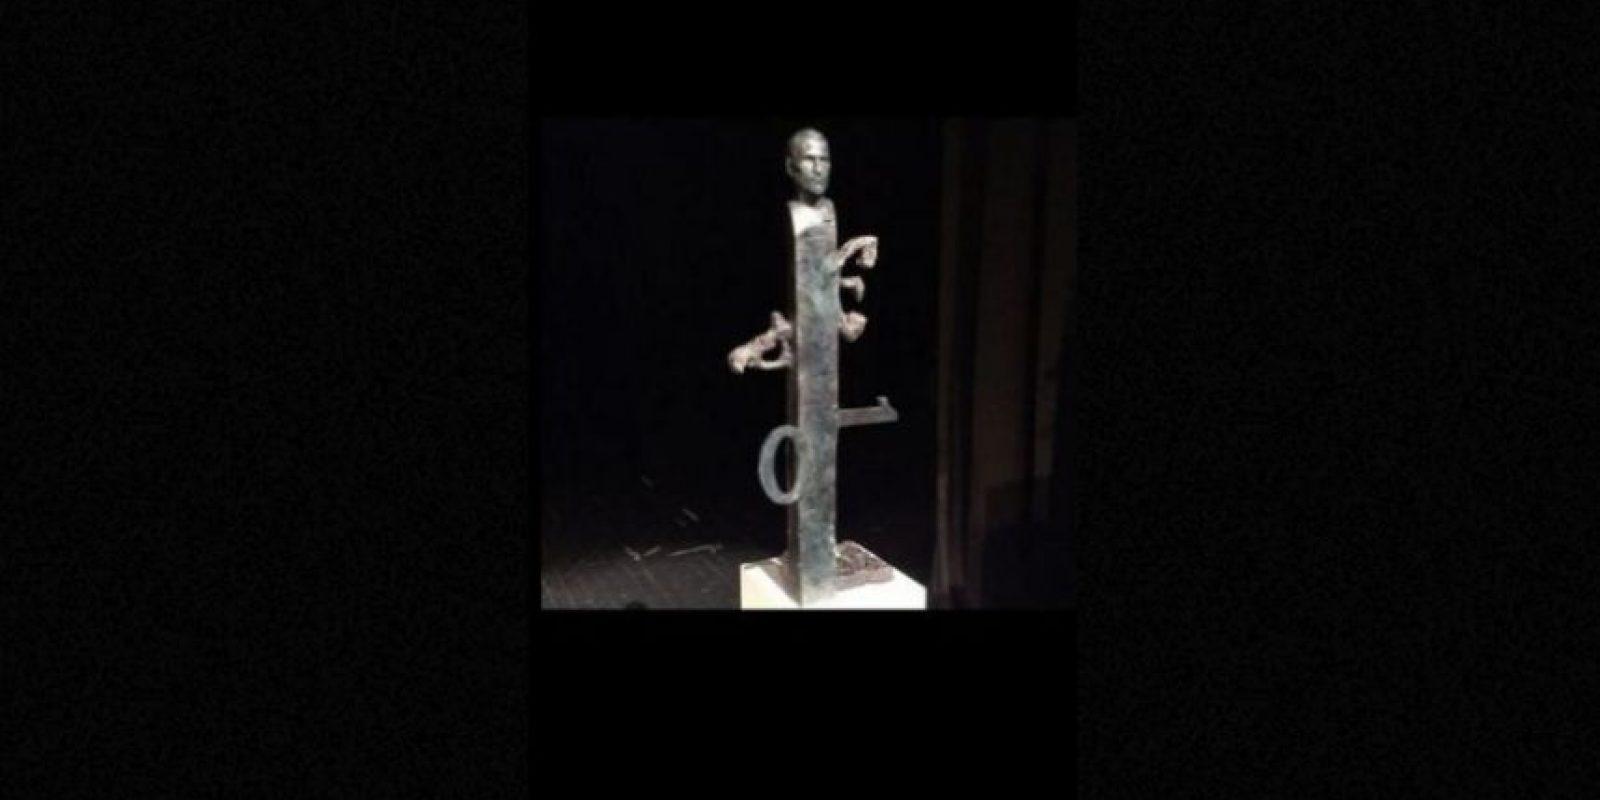 Esta escultura también rinde homenaje al creativo, aunque no deja de ser muy extraña. Foto:Vía Tumblr.com